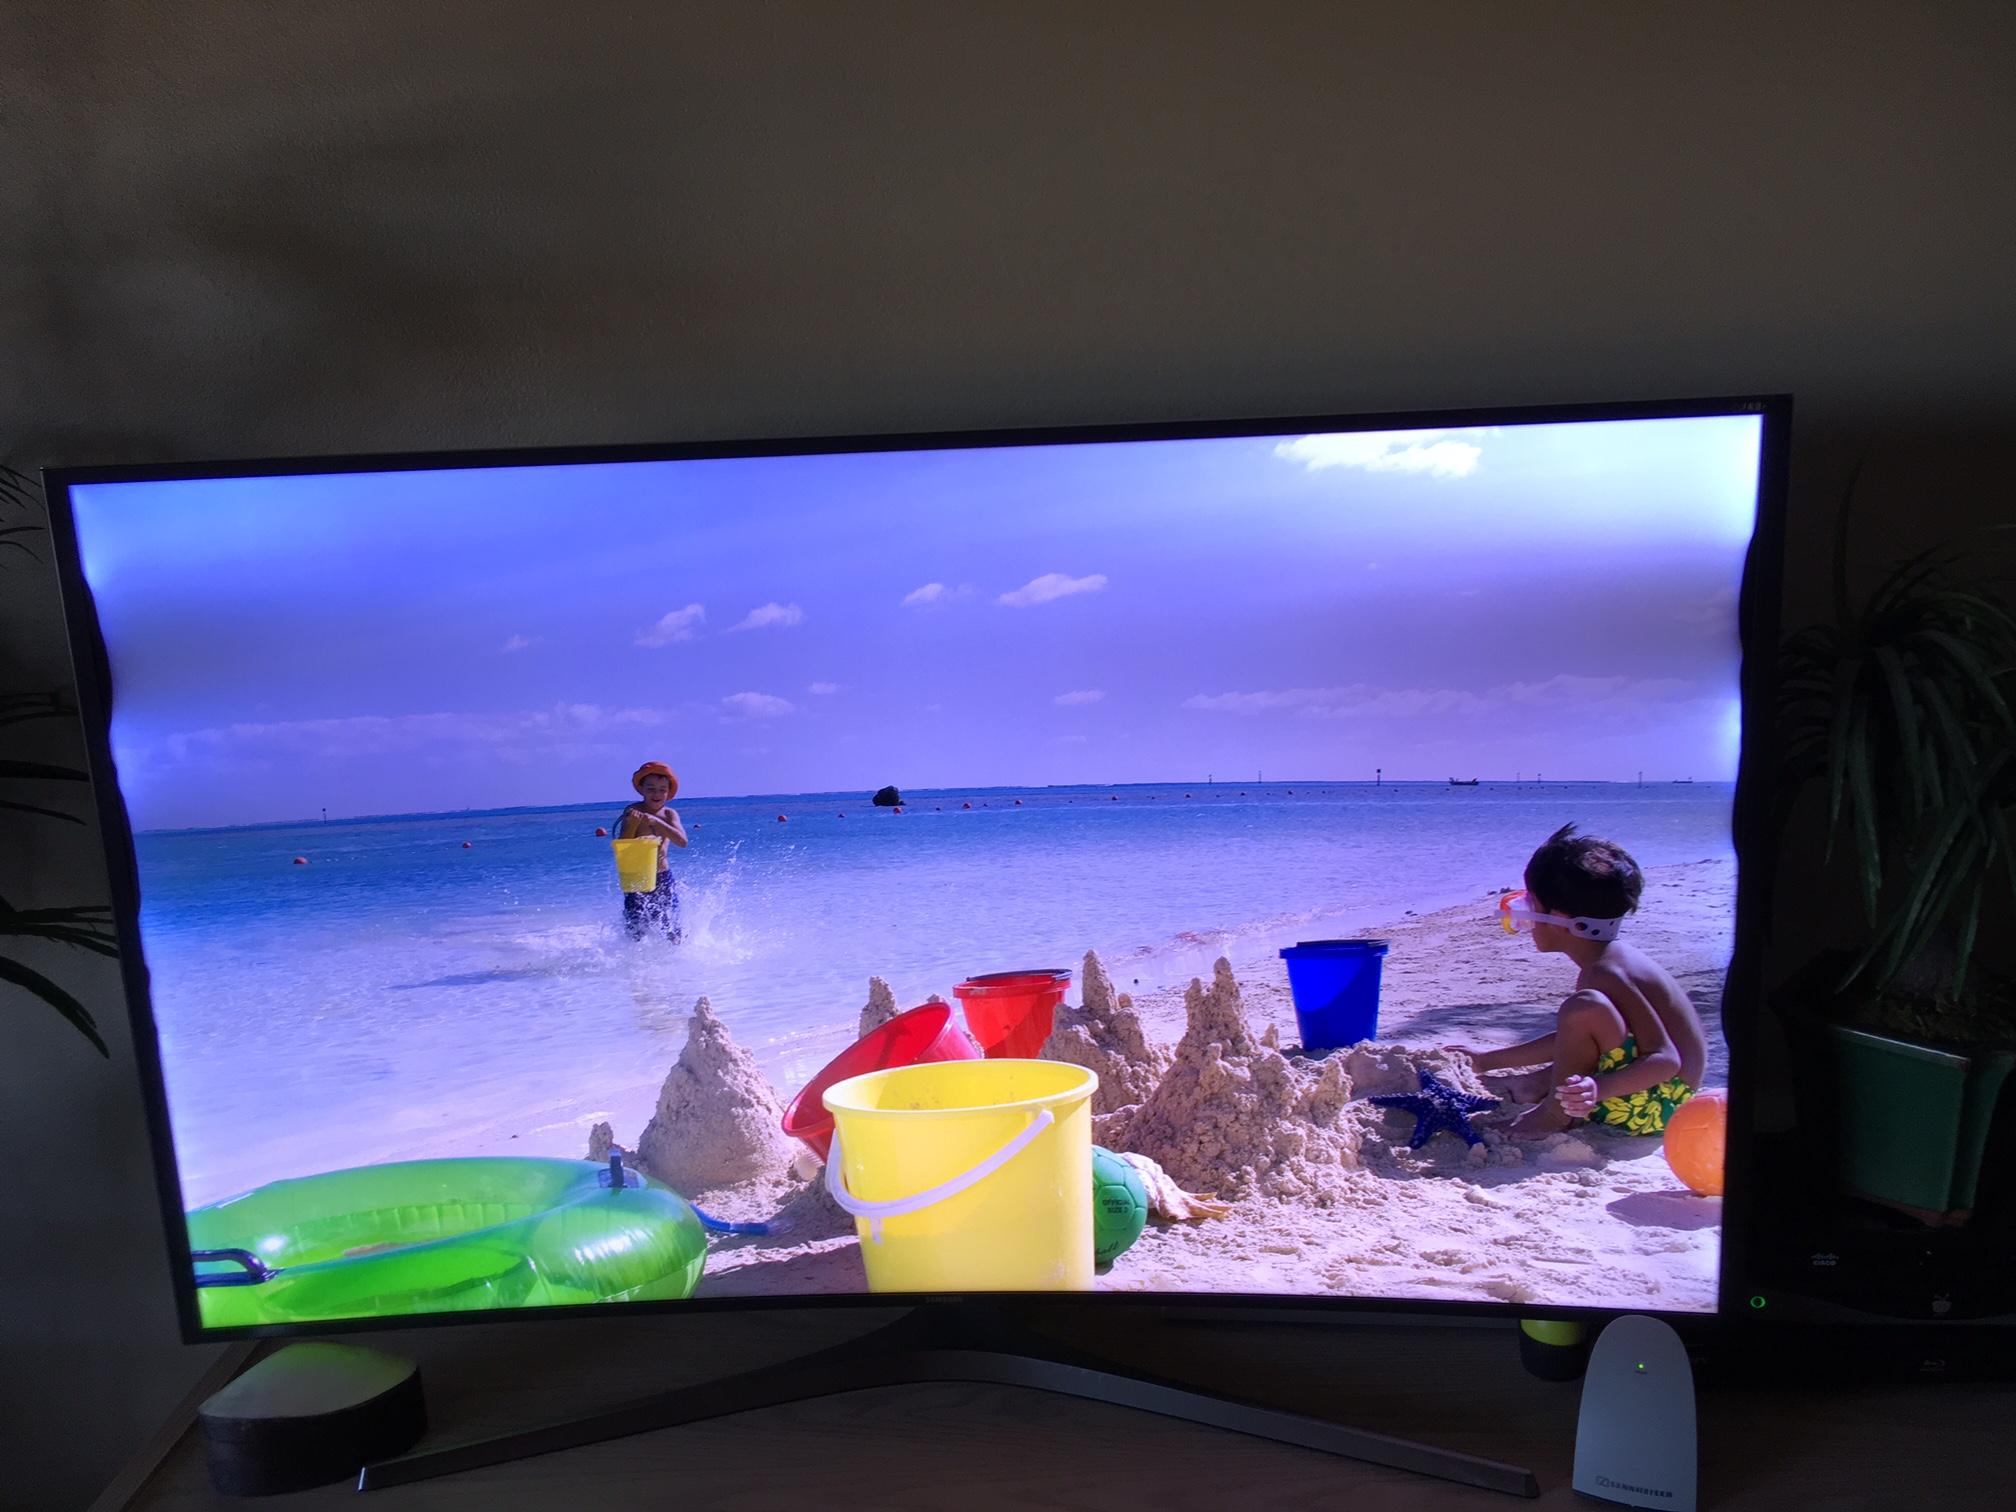 Samsung UN46D6420UF LED TV Download Driver